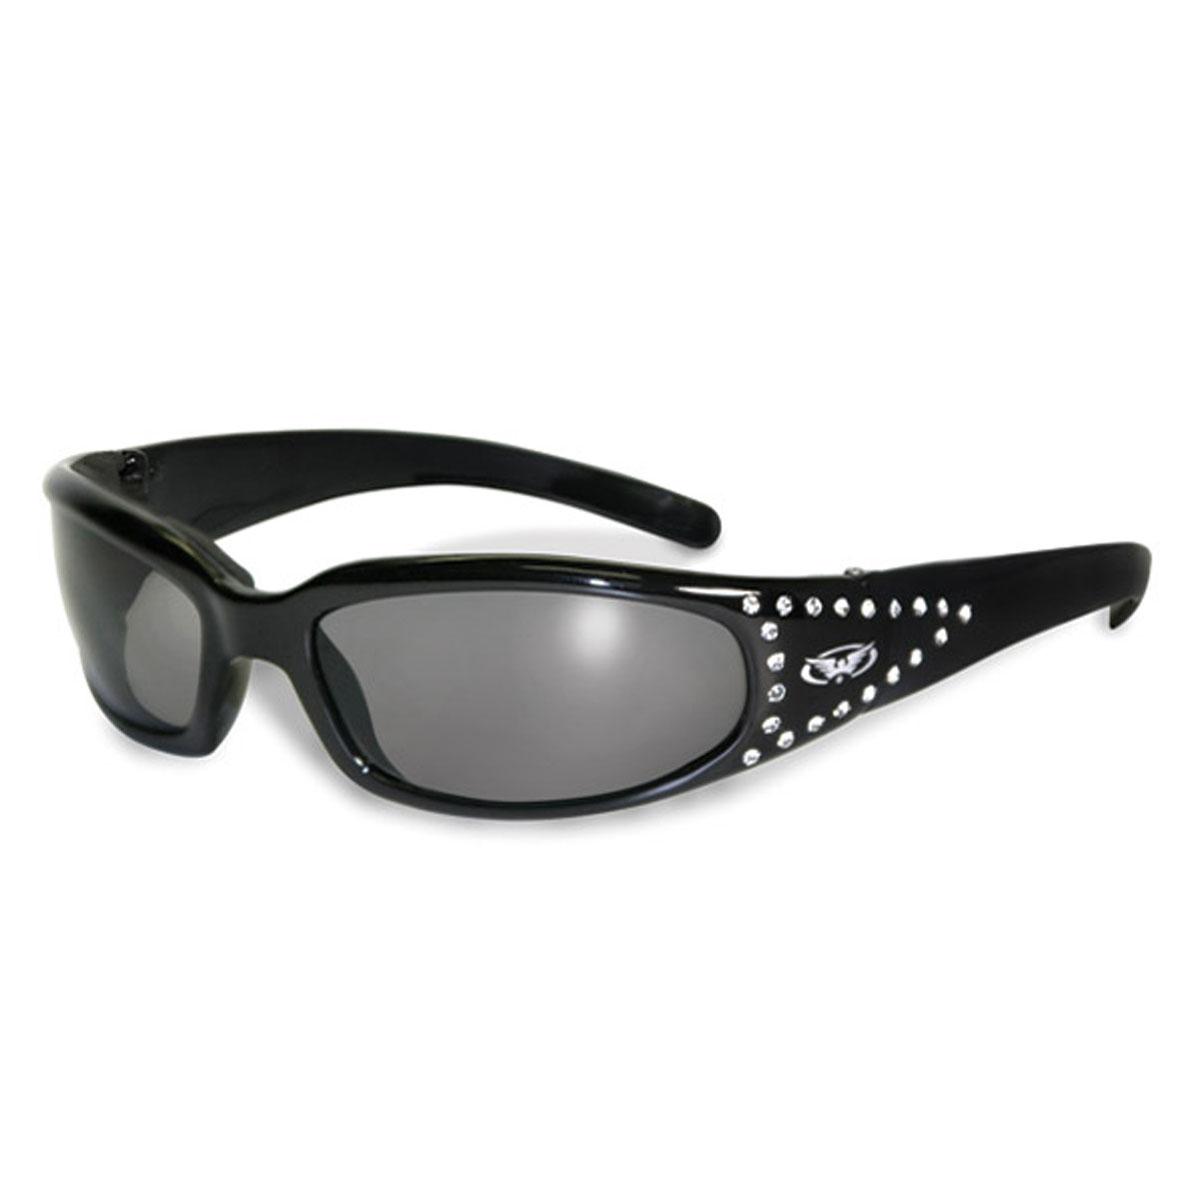 Global Vision Eyewear Marilyn 3 Black Sunglasses